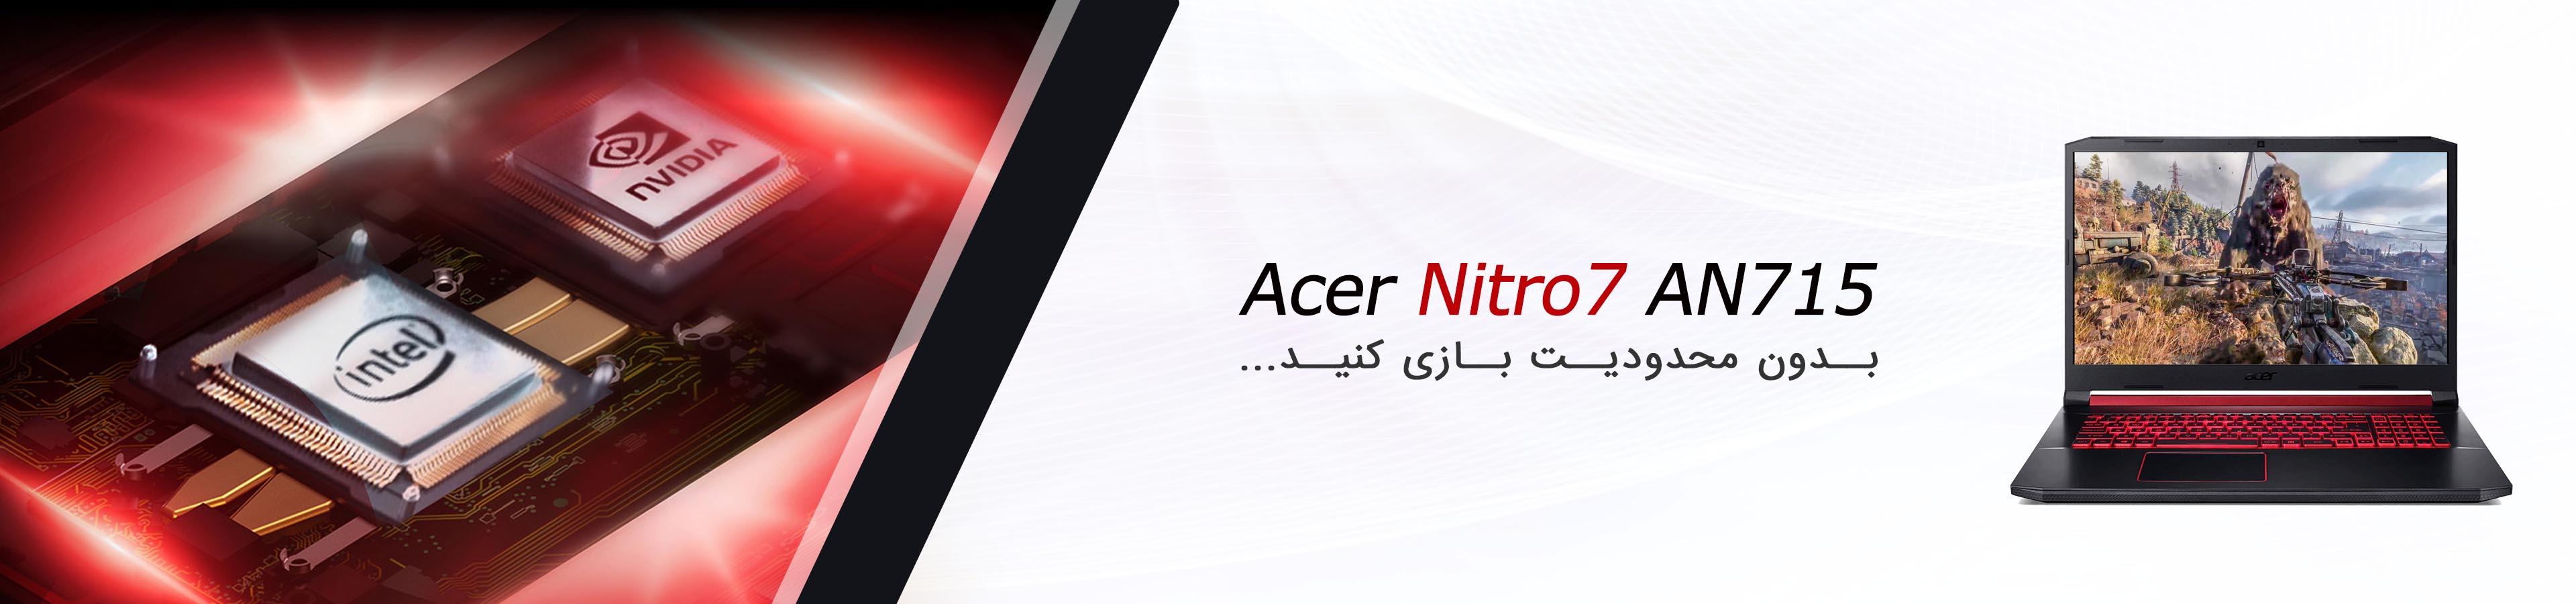 an715 nitro 7